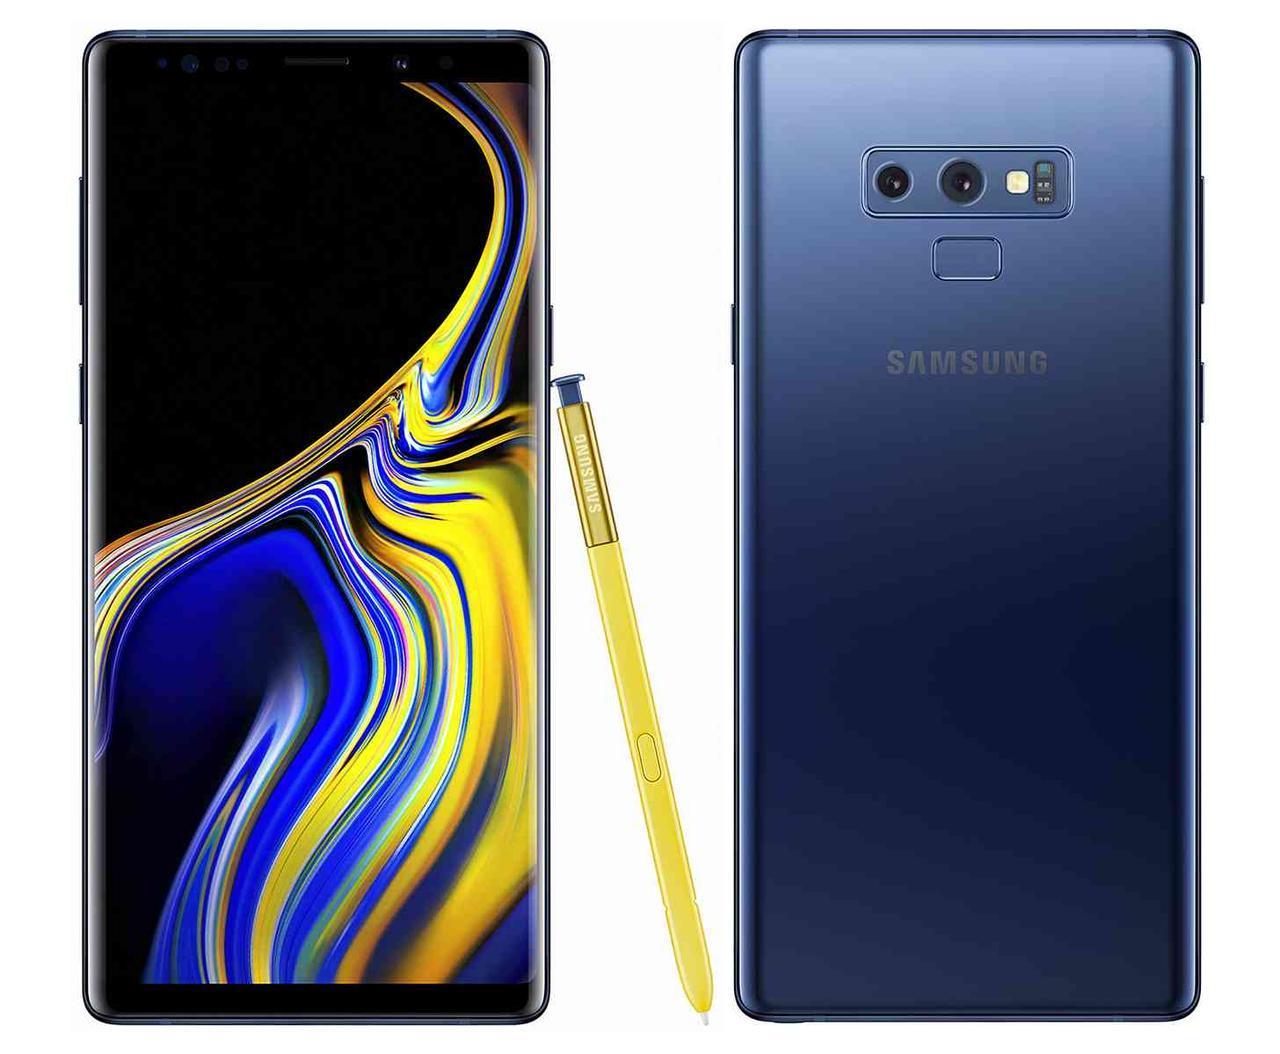 Смартфон Samsung N960FD Galaxy Note 9 6/128GB Ocean Blue Duos 4000 мАч Samsung Exynos 9 9810